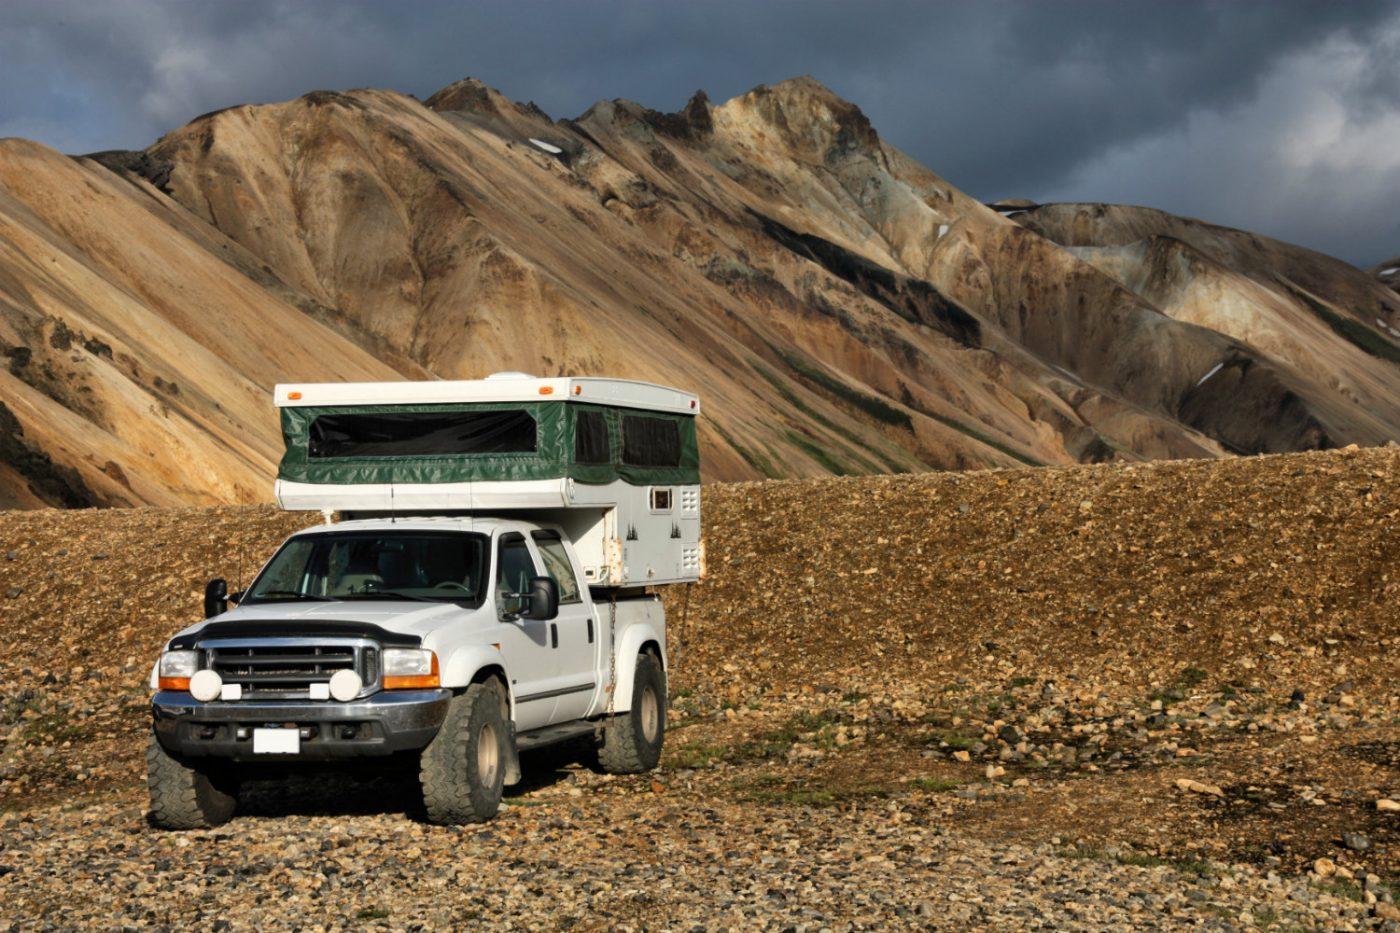 Ein Pickup mit Wohnmobil-Aufsatz in steiniger Umgebung.